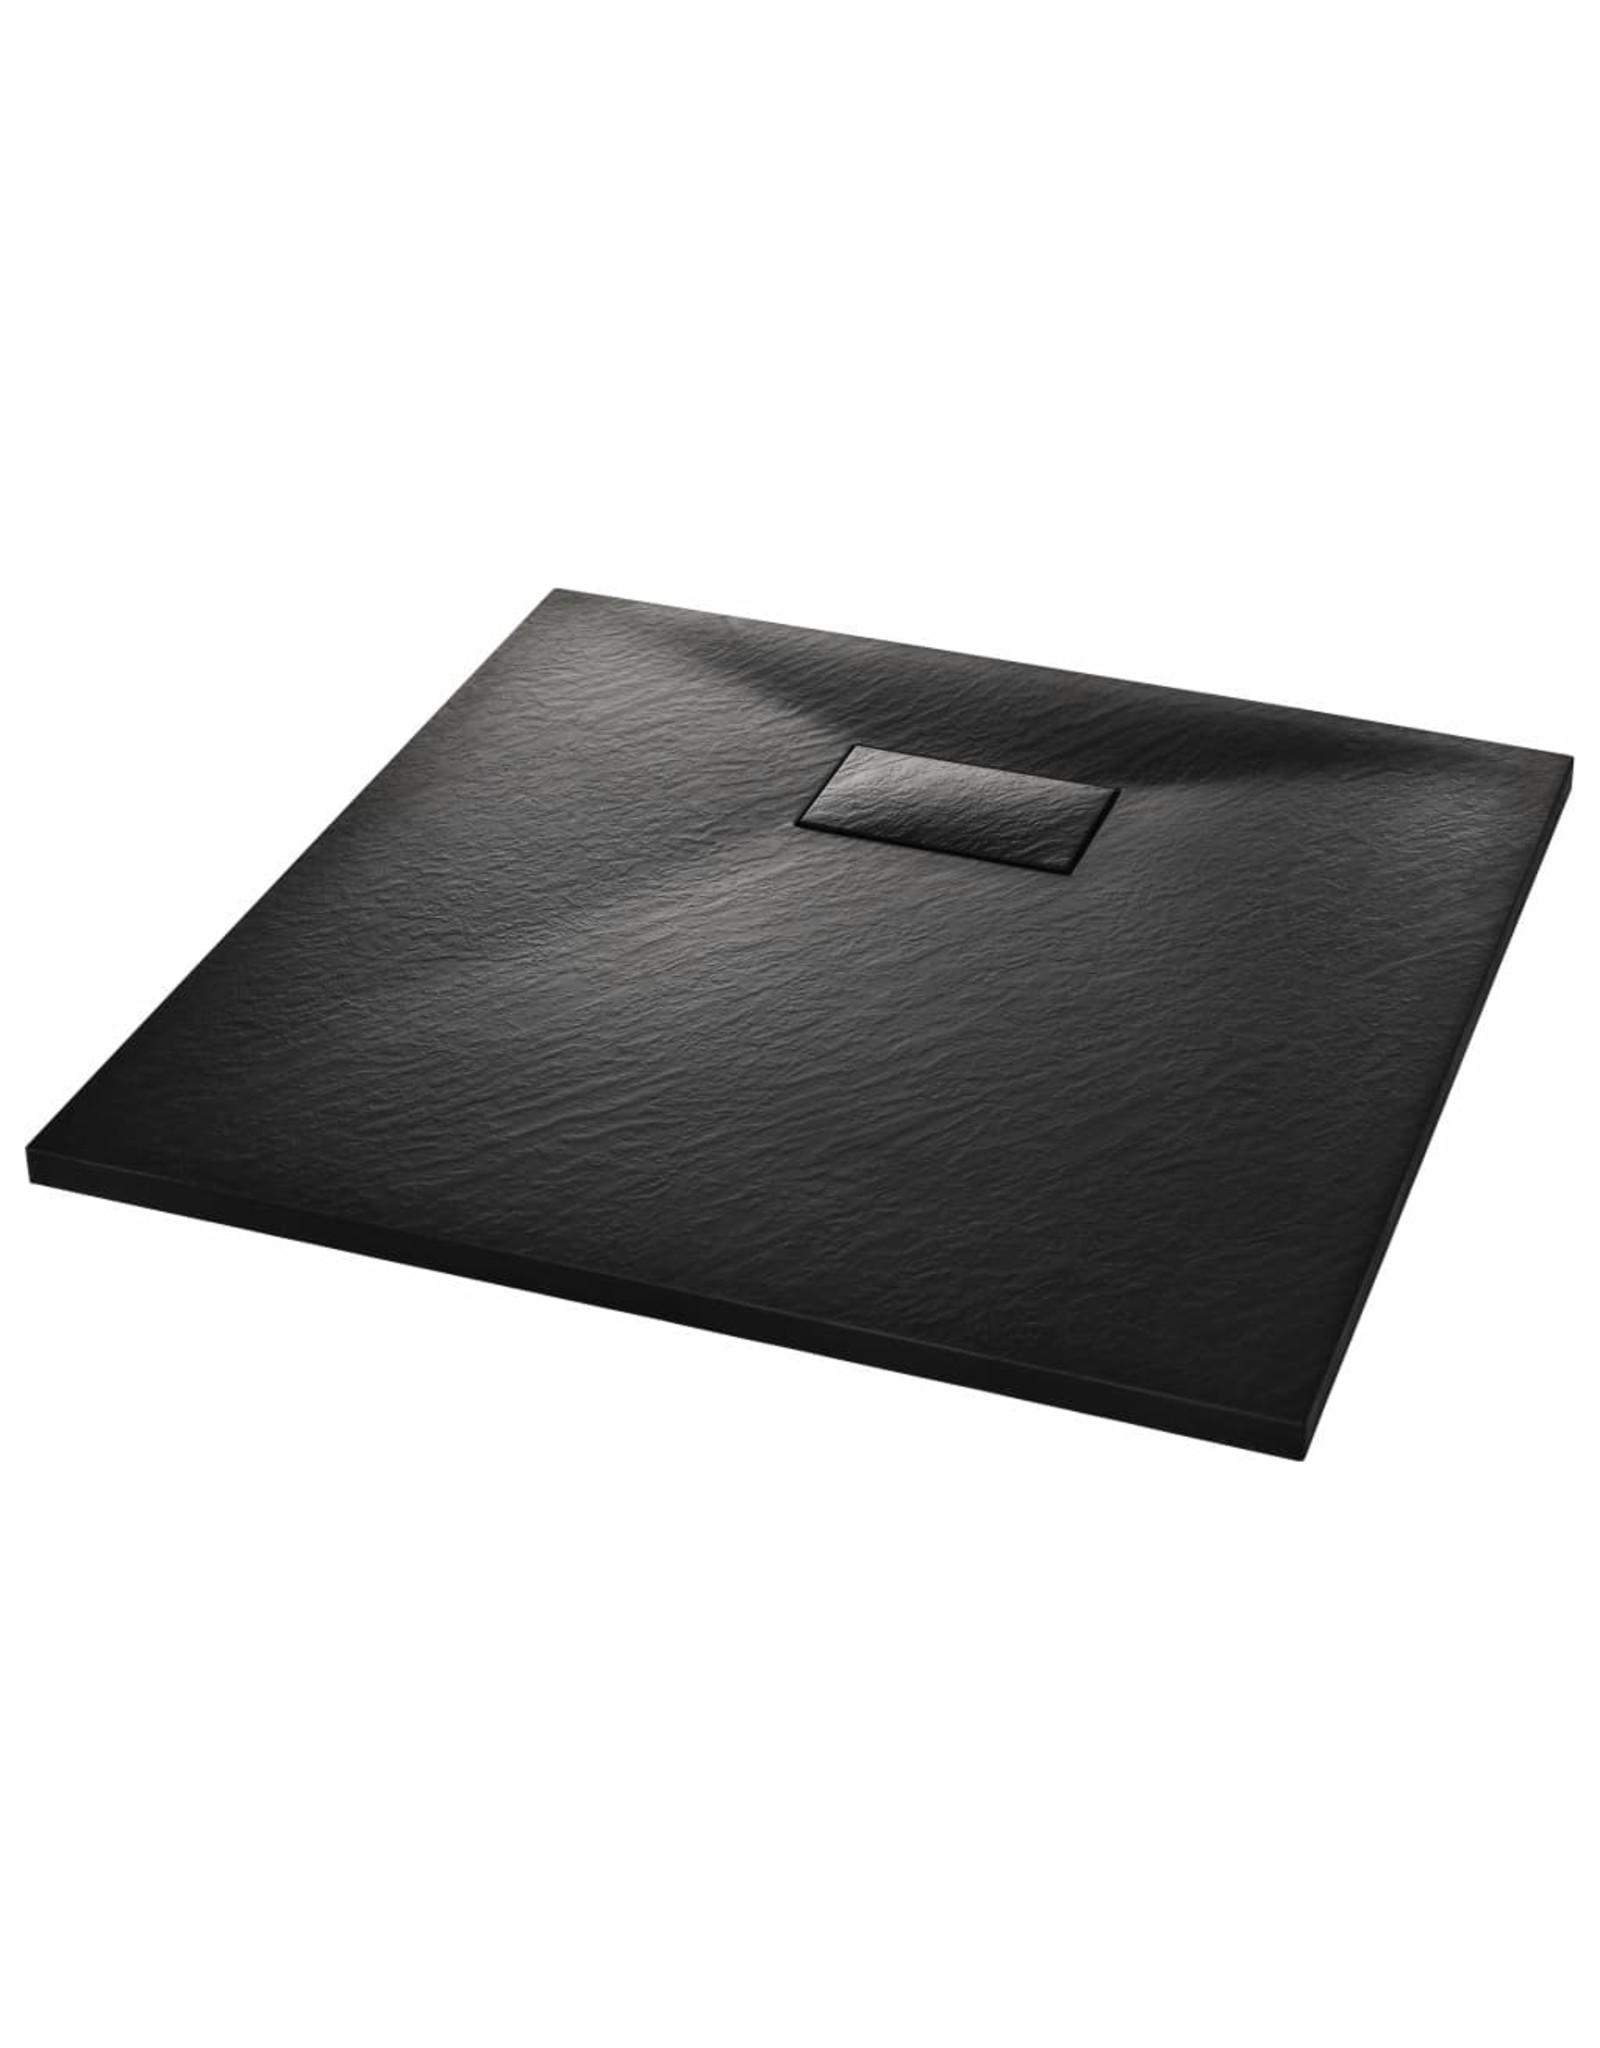 Douchebak 90x90 cm SMC zwart